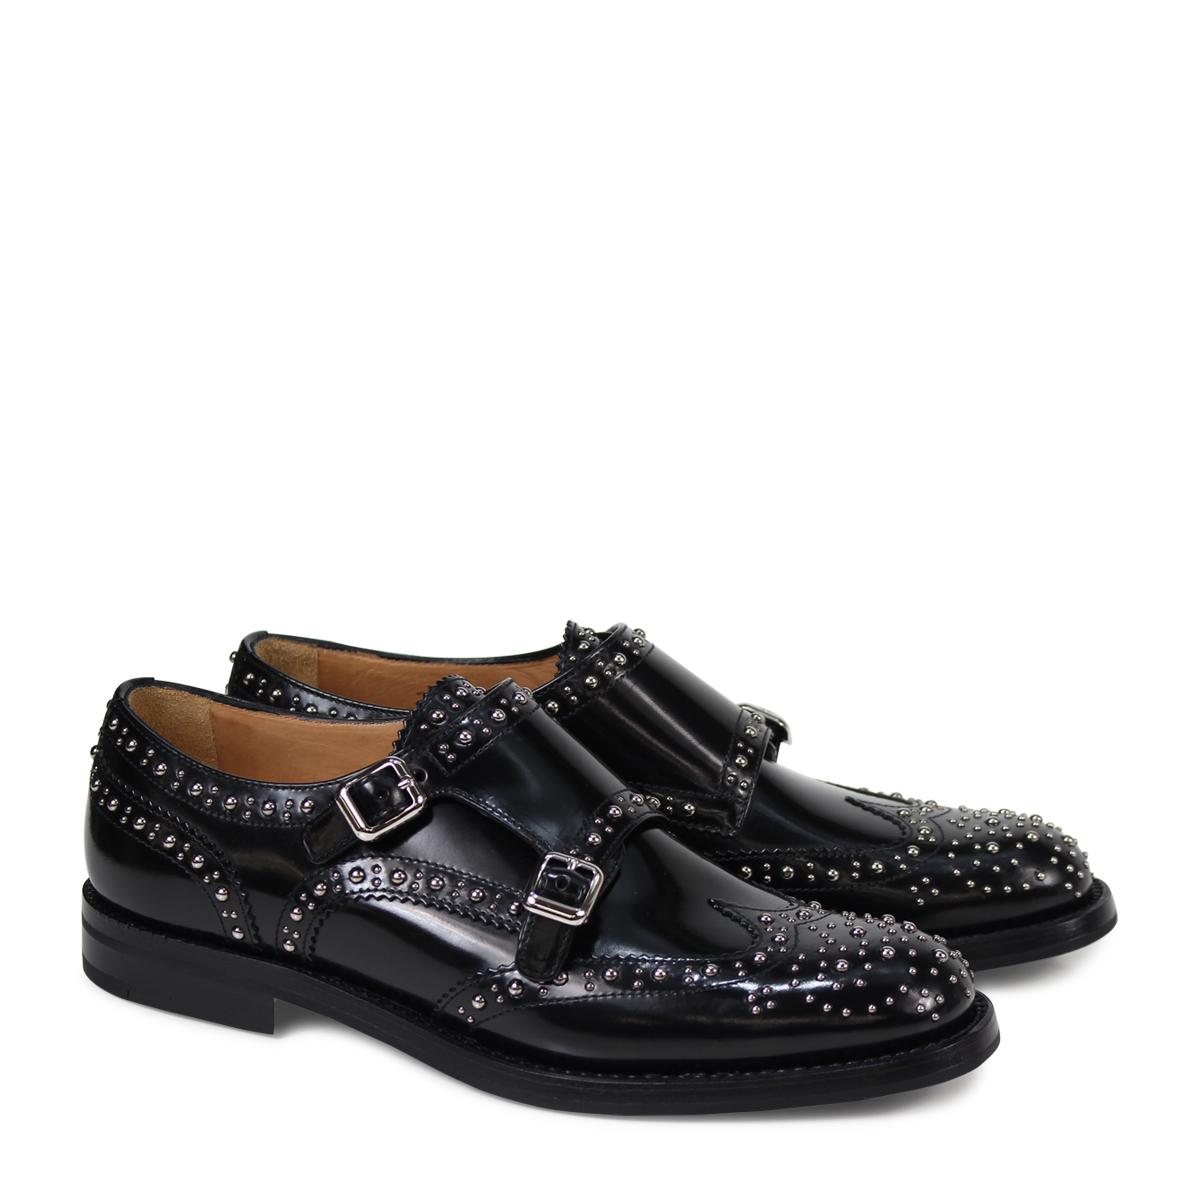 Churchs LANA MET チャーチ 靴 レディース ダブルモンク シューズ スタッズ ブラック DO0002